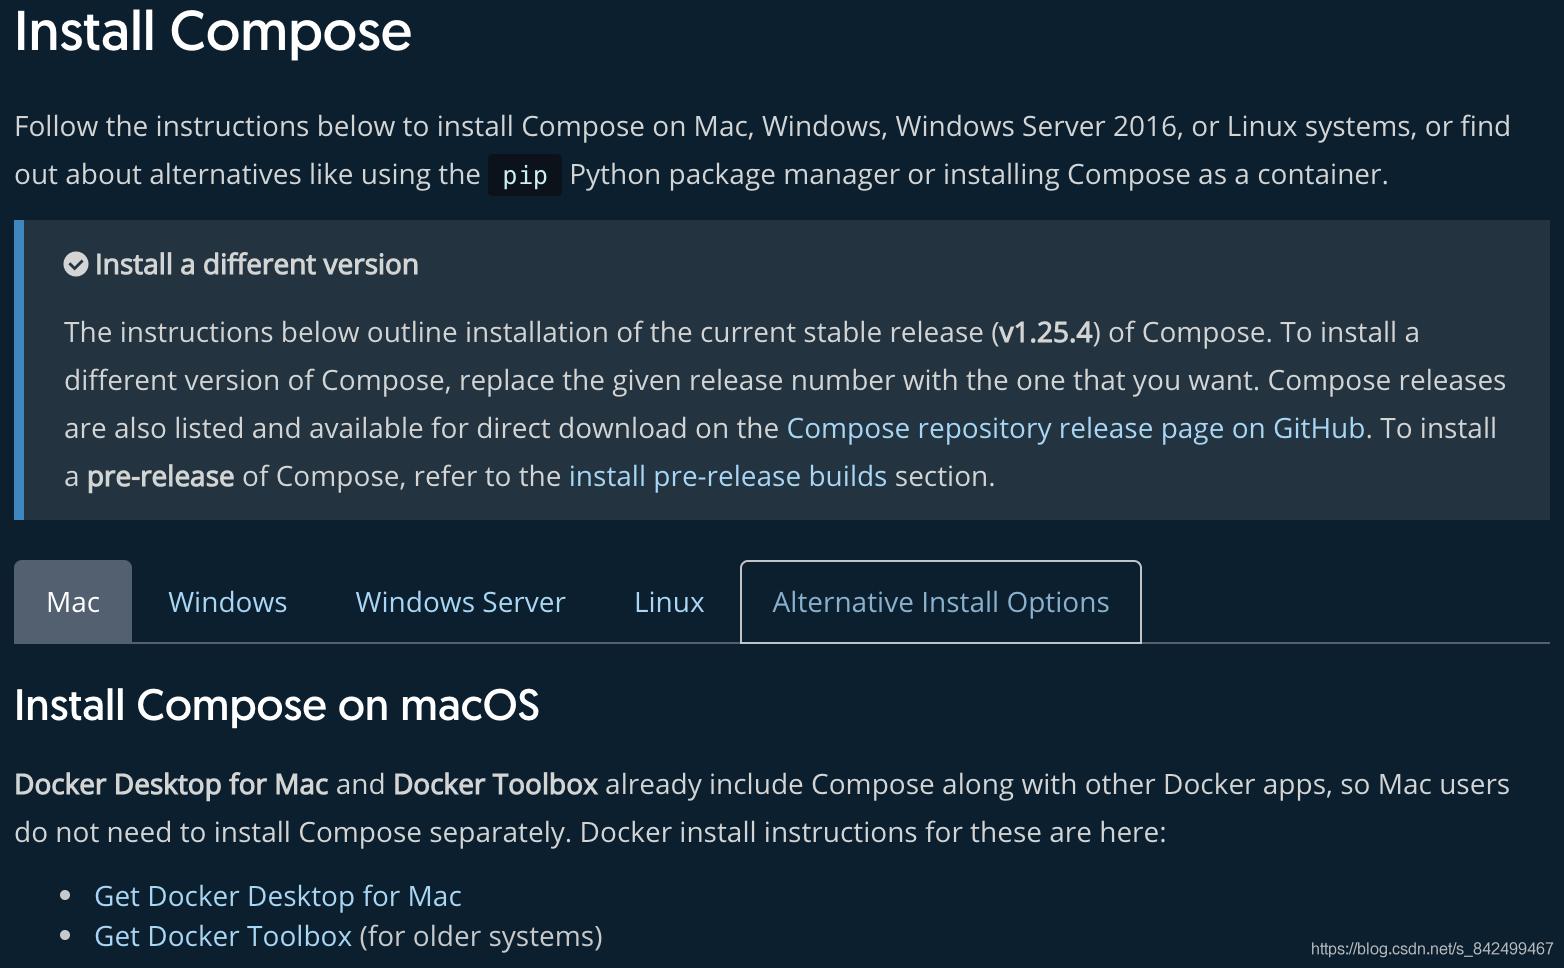 [外链图片转存失败,源站可能有防盗链机制,建议将图片保存下来直接上传(img-dXpZeoKL-1584940934811)(./images/docker-compose-install.png)]